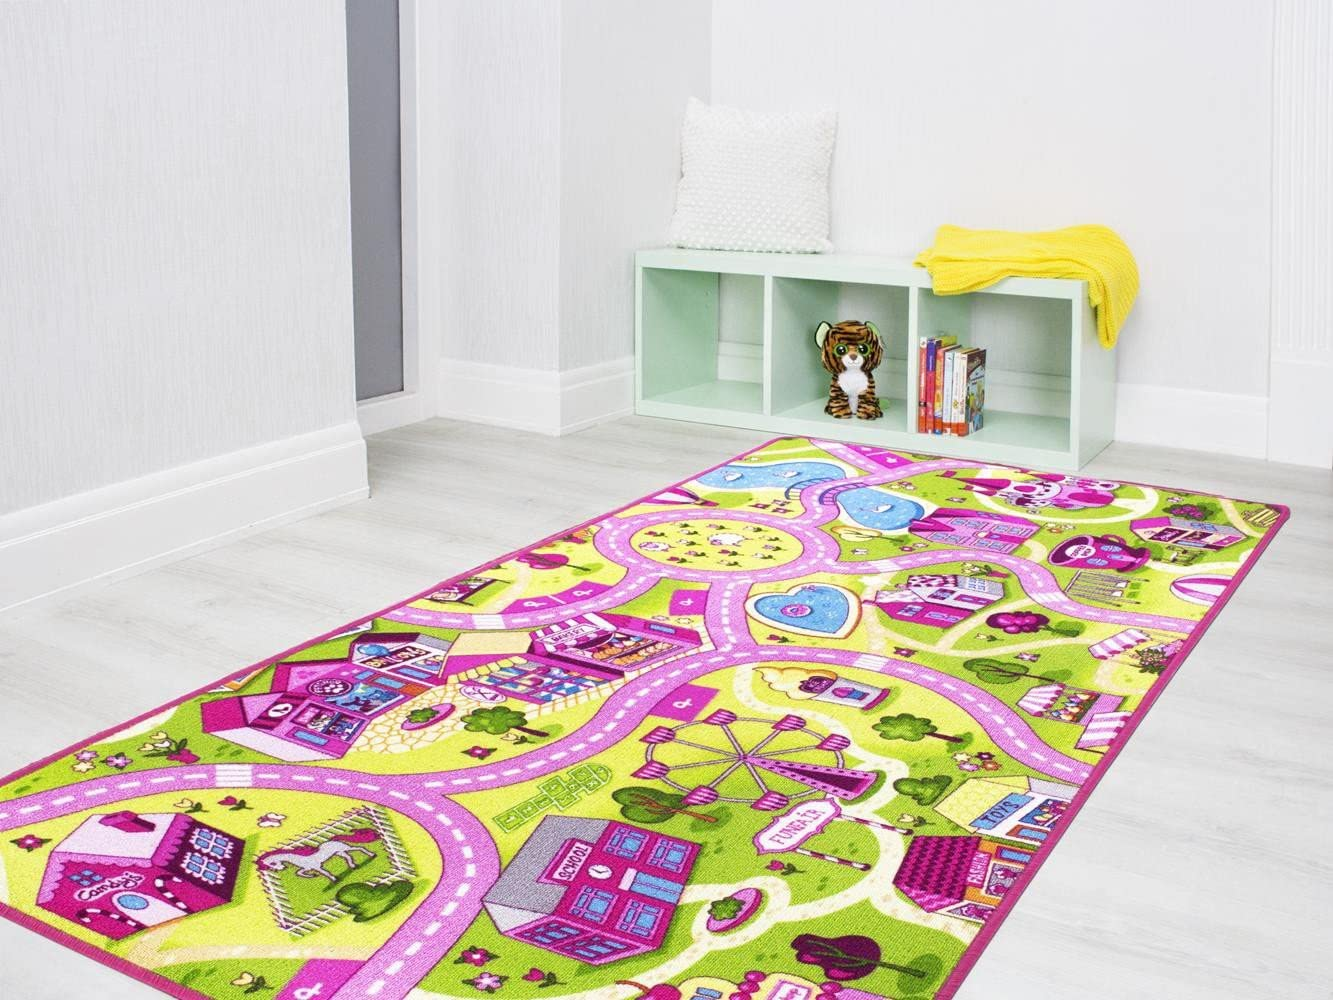 Sugar Town Tapis de Jeu pour Enfants avec Routes et Village Certificat Gut//Prodis Taille:100x165cm Tapis de Jeu Amusants avec Design Urbain